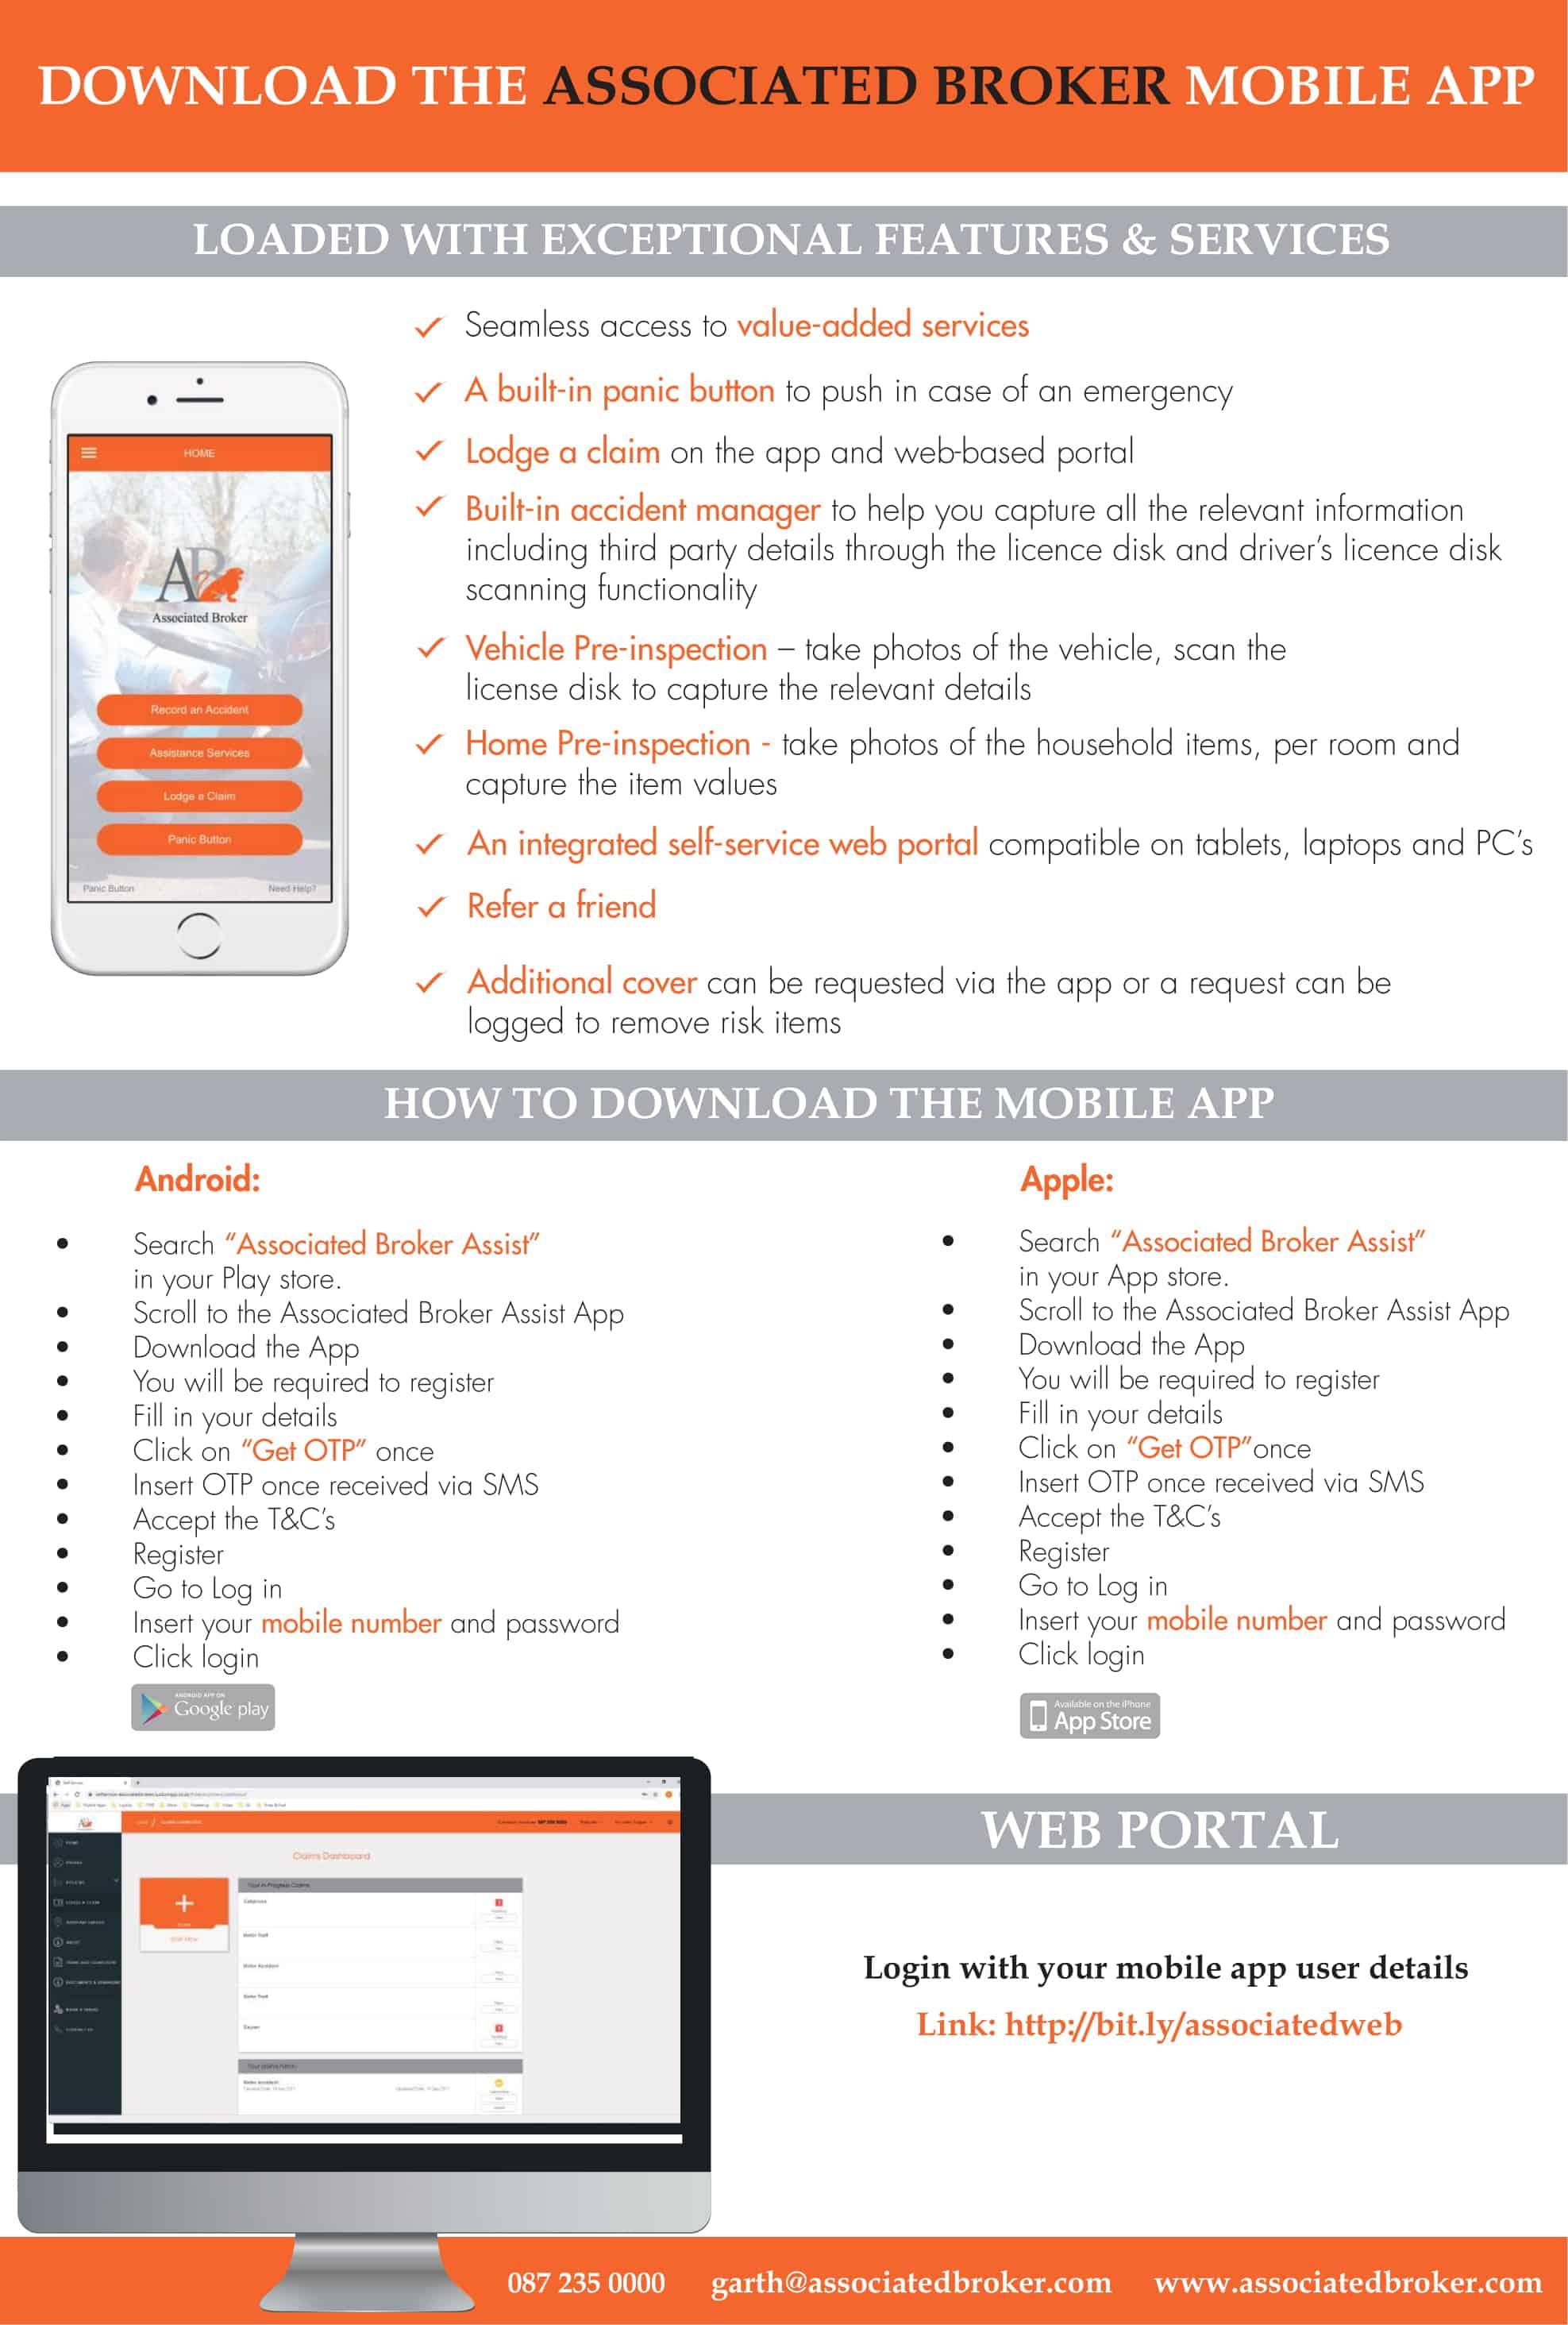 Associated Broker App